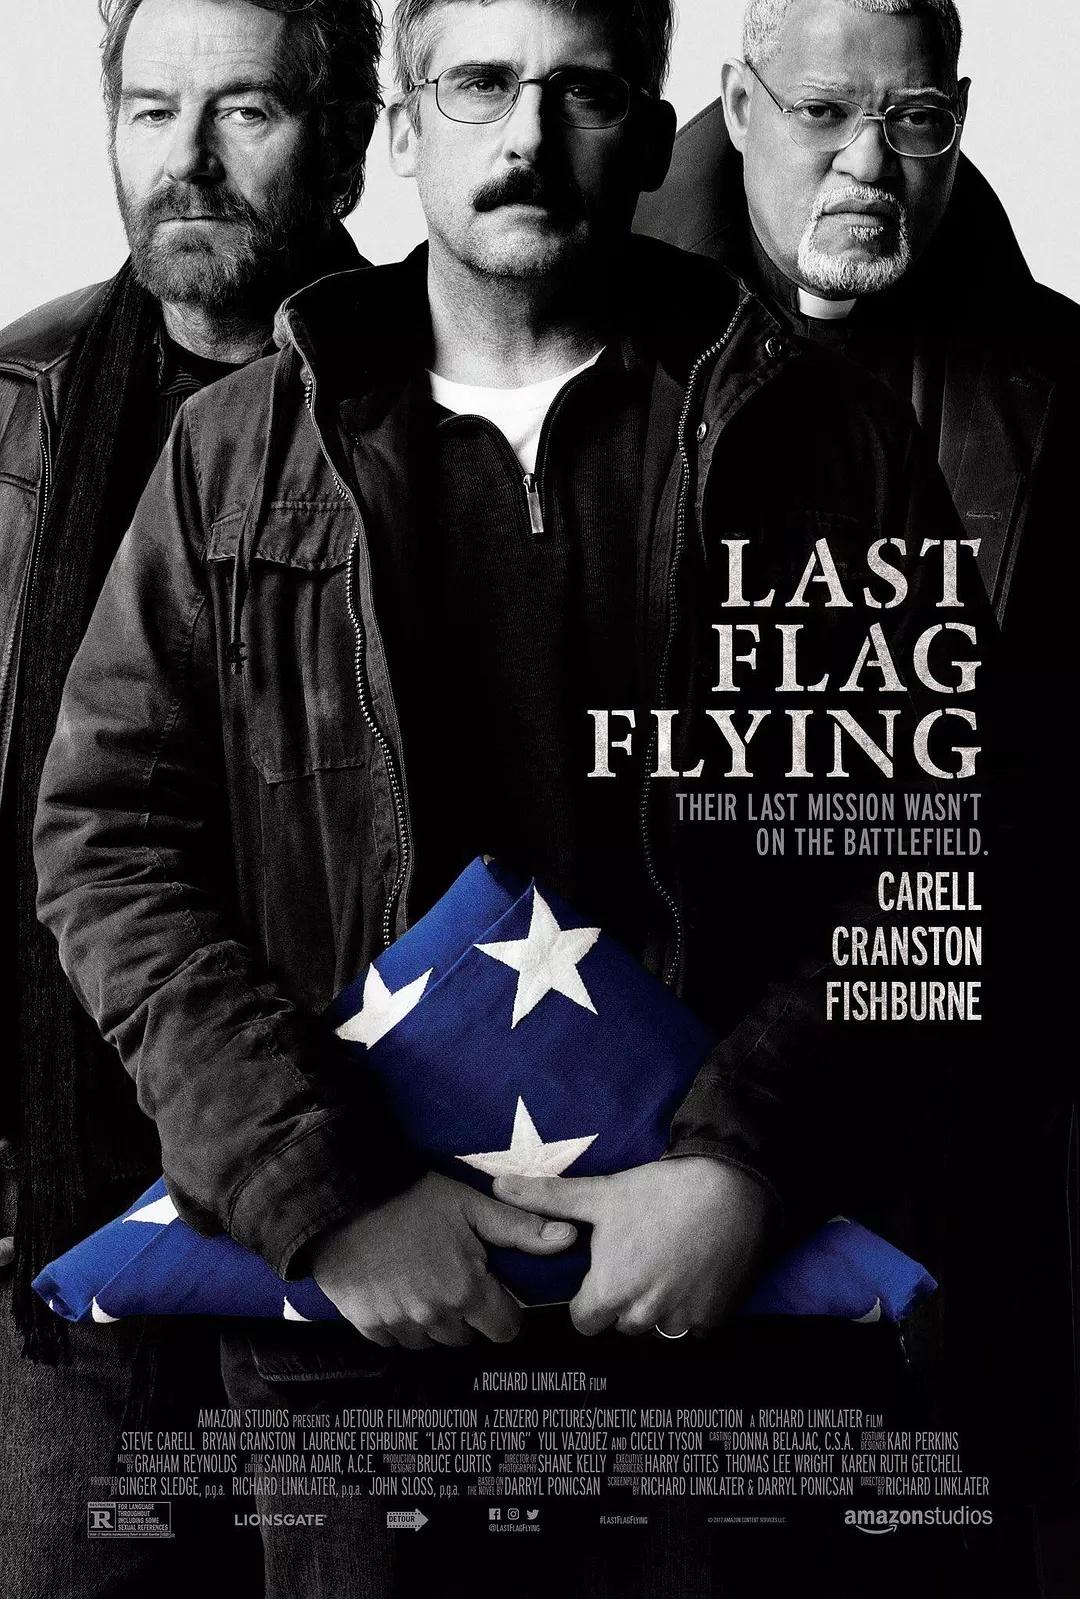 最后的旗帜 [三个老兵的重聚来审视战争]